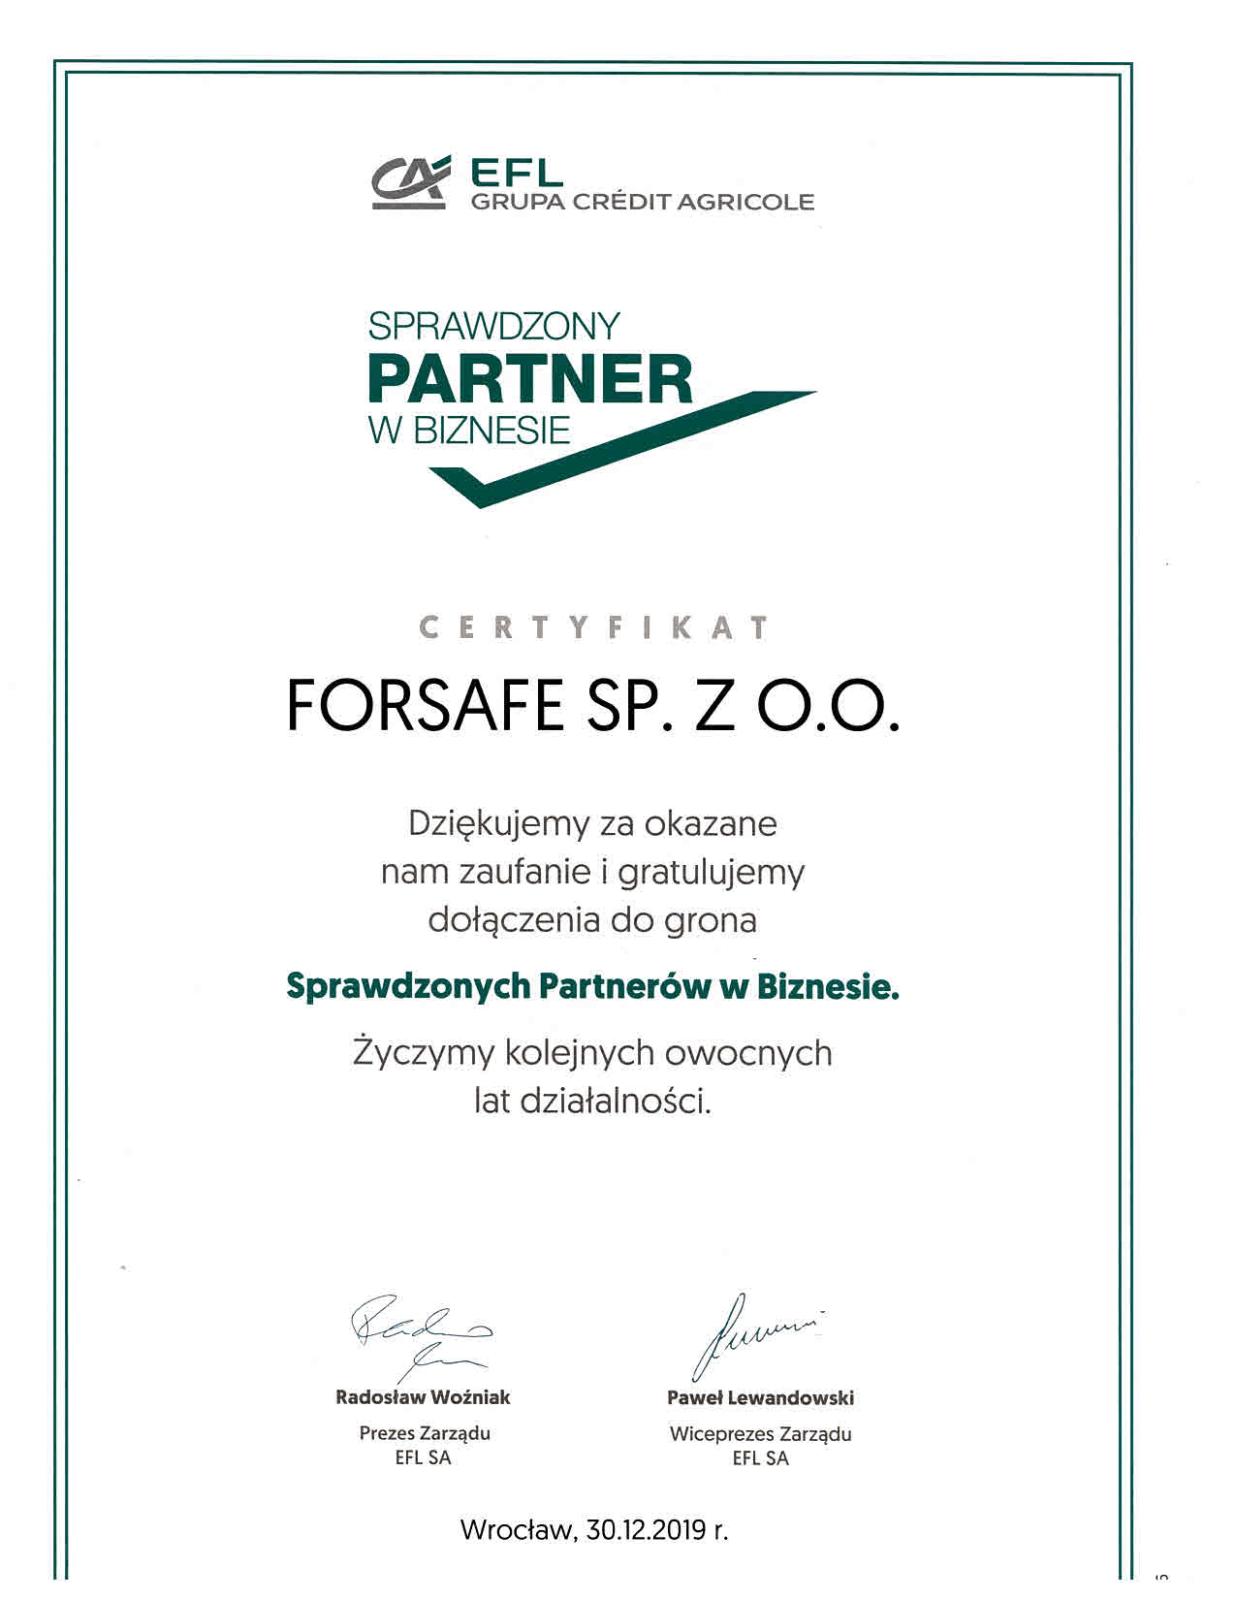 Certyfikat Sprawdzony Partner EFL FORSAFE Sprawdzonym Partnerem w Biznesie